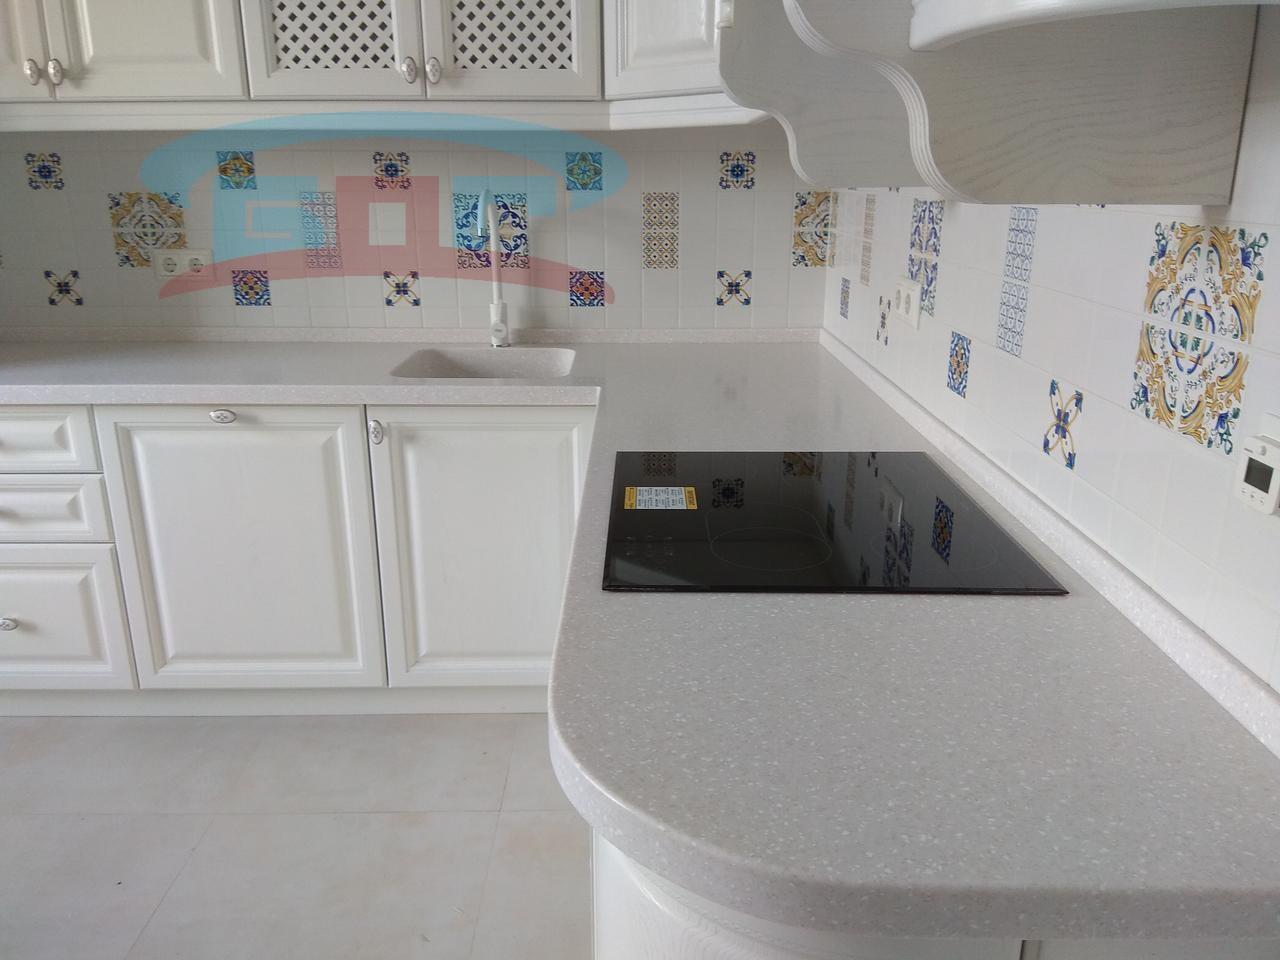 Г-образная кухонная столешница из искусственного камня